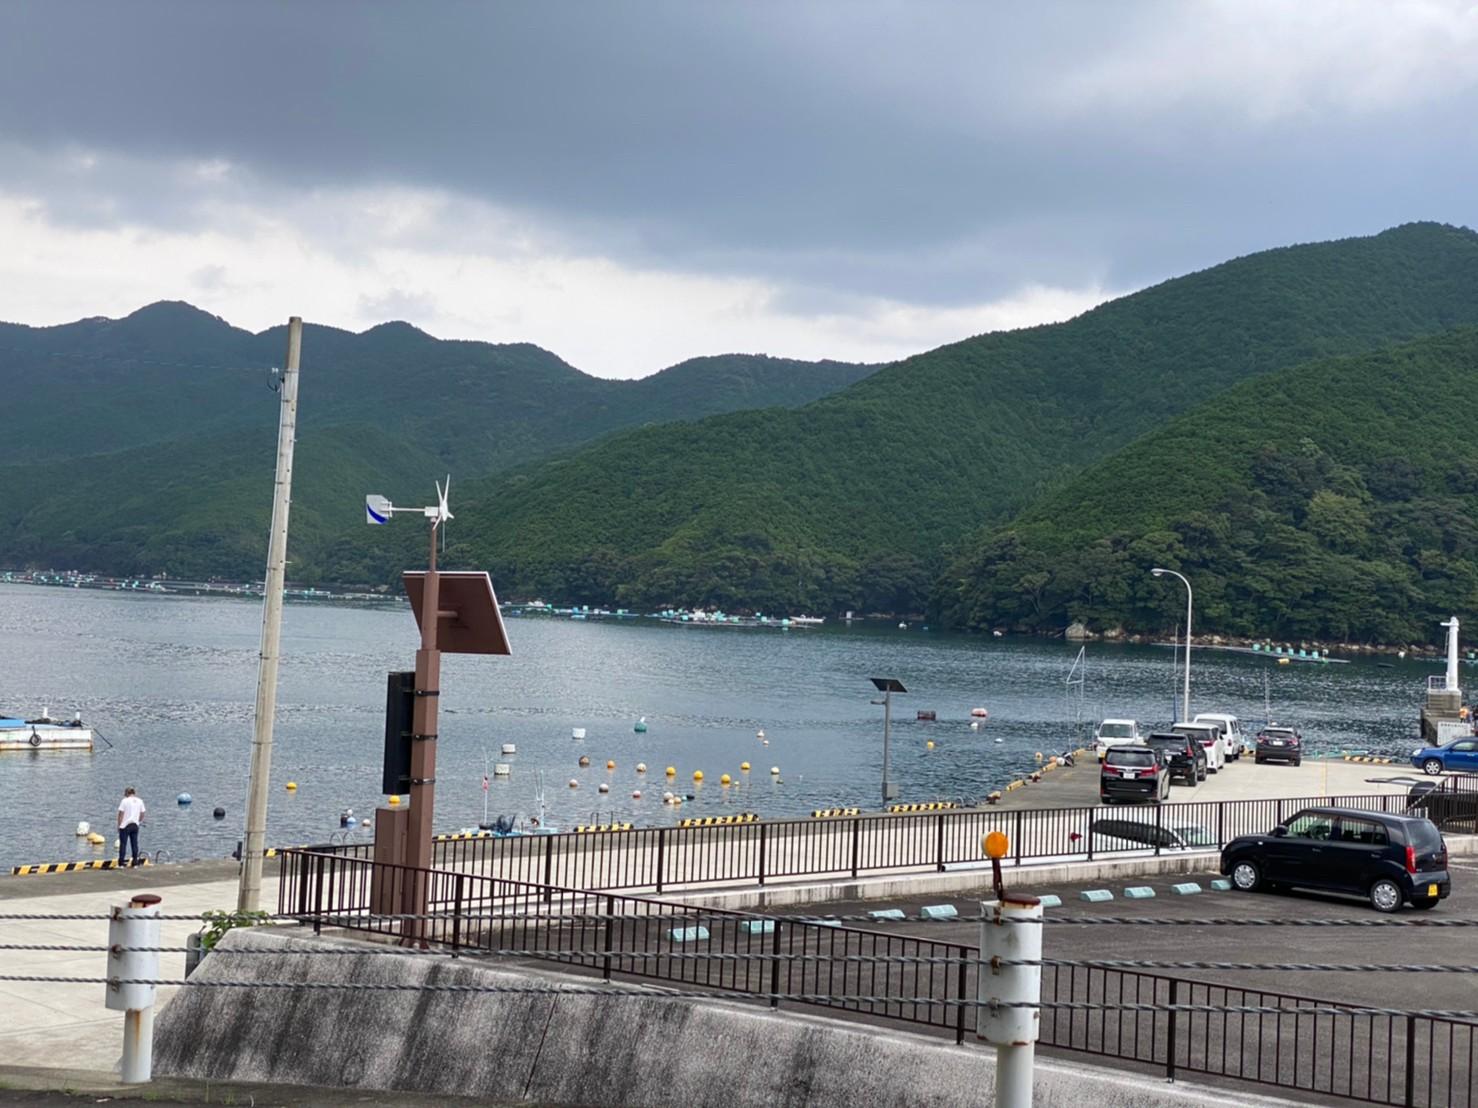 【三重県尾鷲市】『三木浦漁港』の海釣りガイド(釣れる魚・駐車場・トイレ)